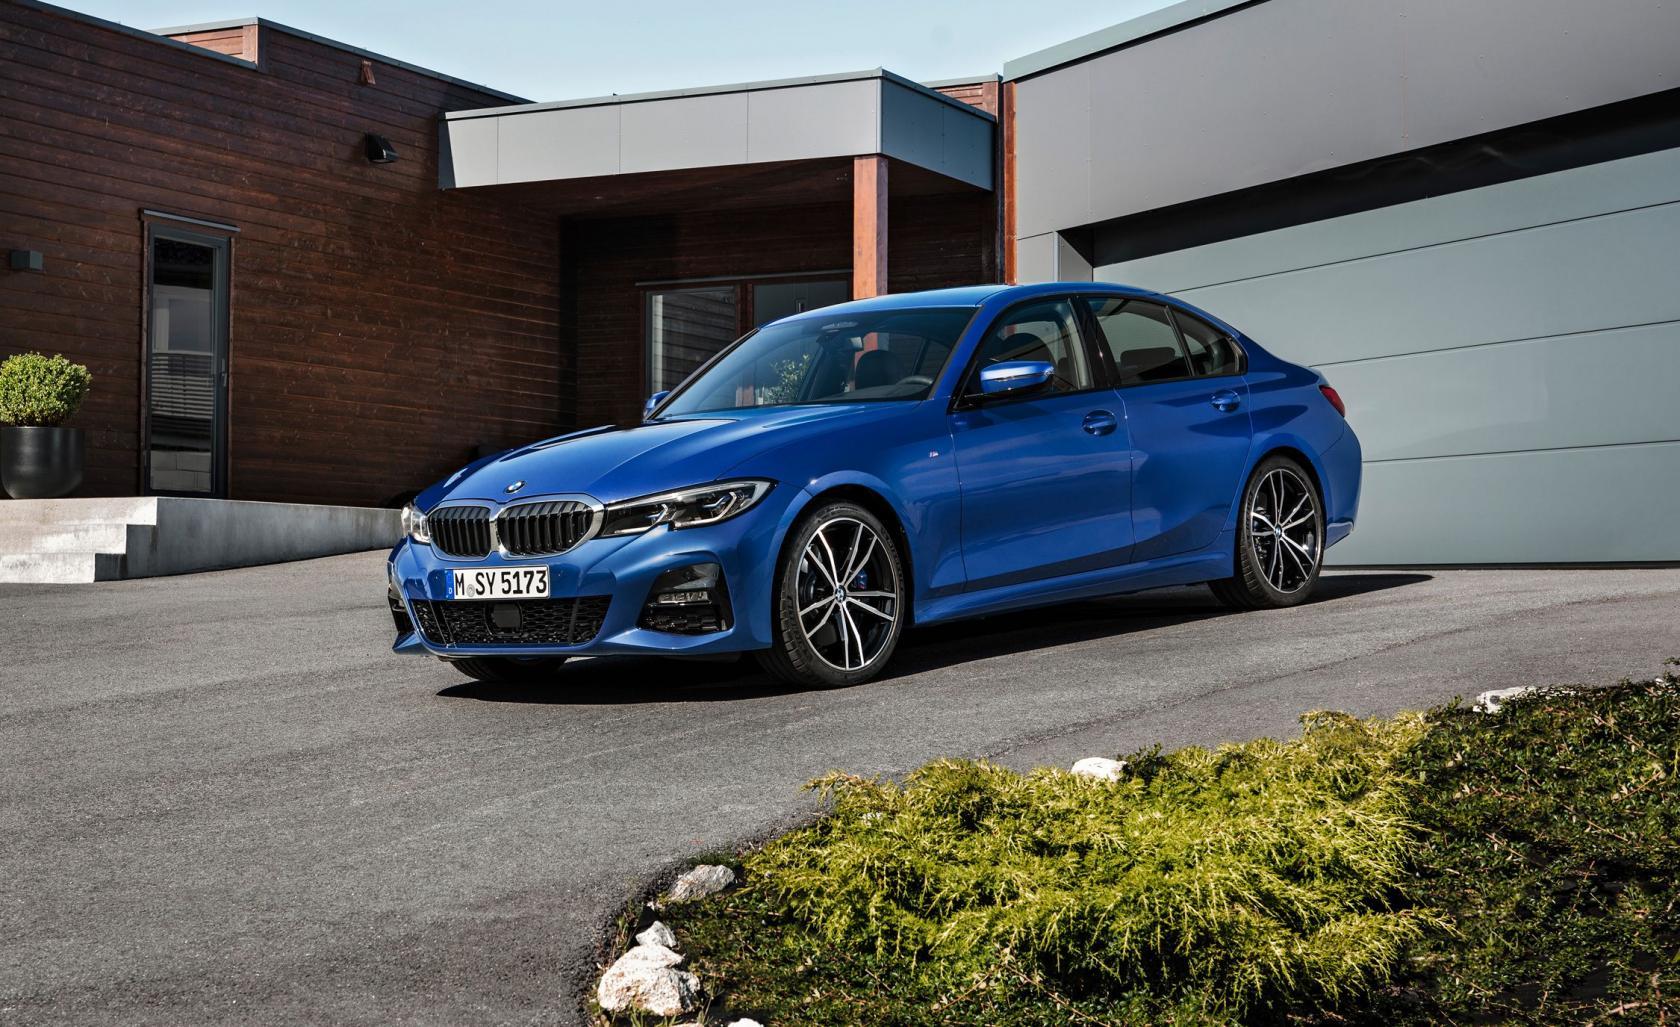 BMW-Serie-3-G20-une-nouvelle-generation-plus-sportive-et-mieux-equipee-1.jpeg